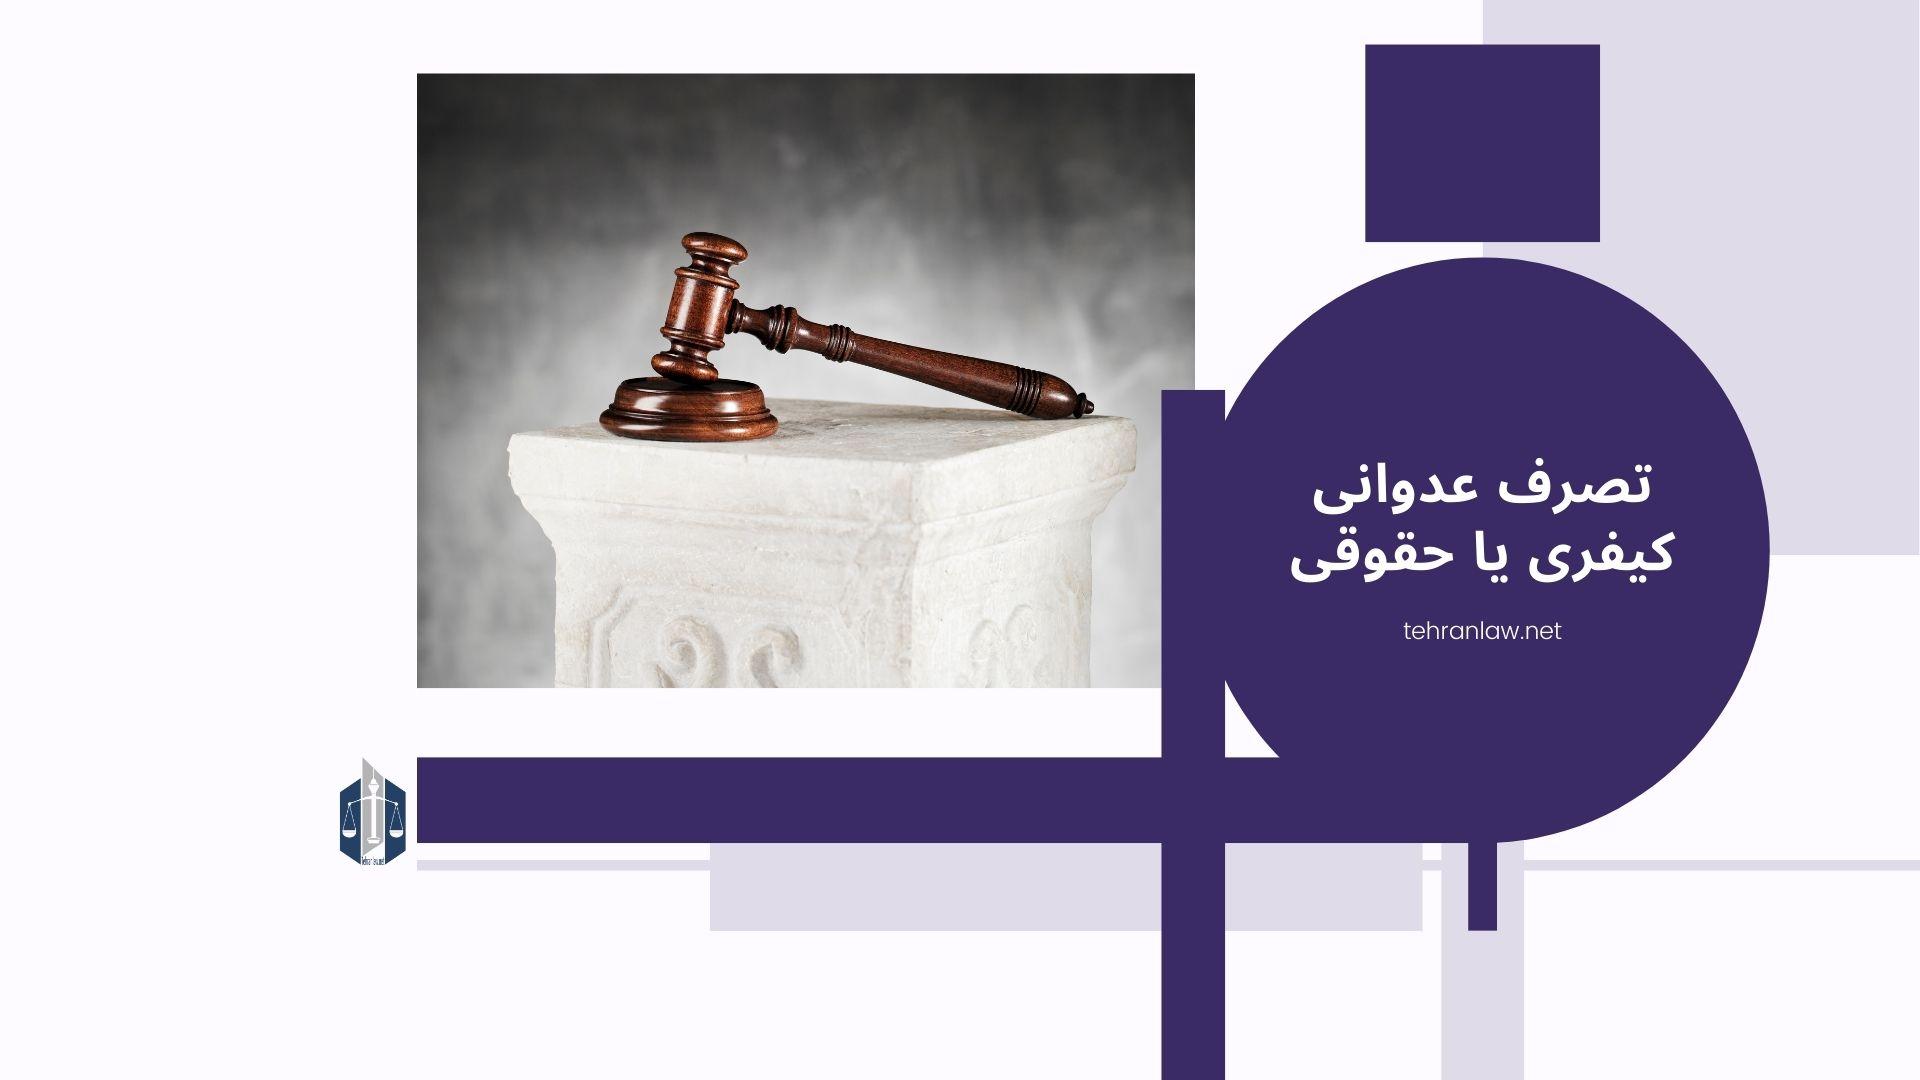 تصرف عدوانی کیفری یا حقوقی